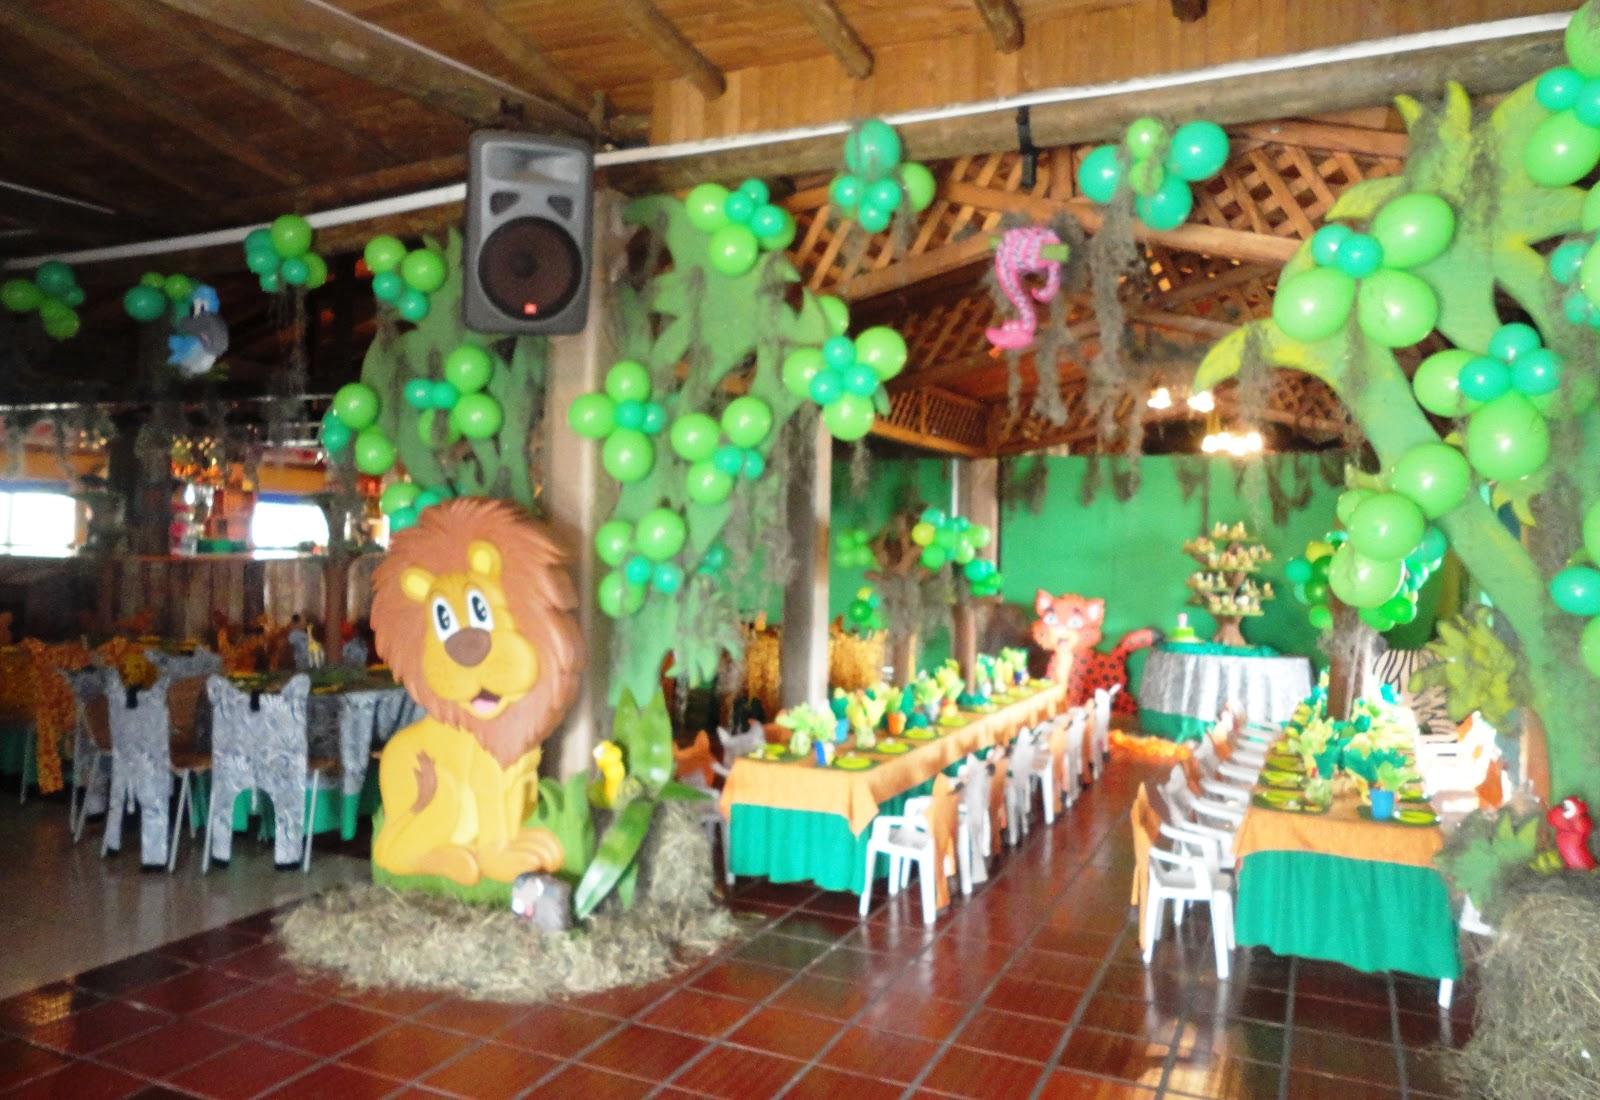 Eventos creativos decoracion fiestas tematicas - Fiesta infantil tematica ...